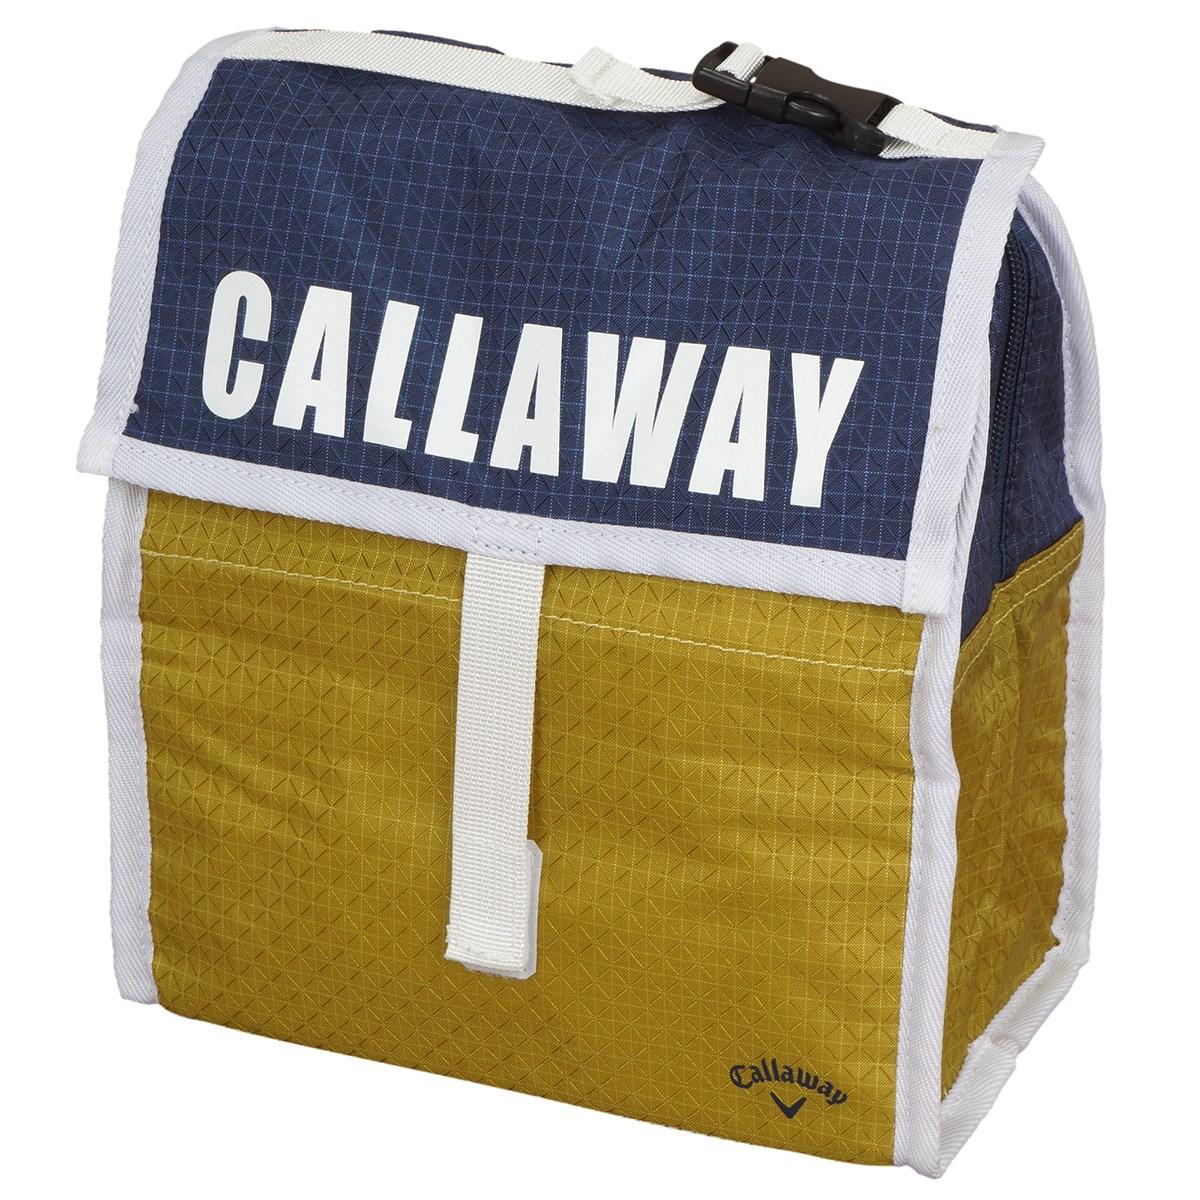 キャロウェイゴルフ(Callaway Golf) クーラーカートバッグ